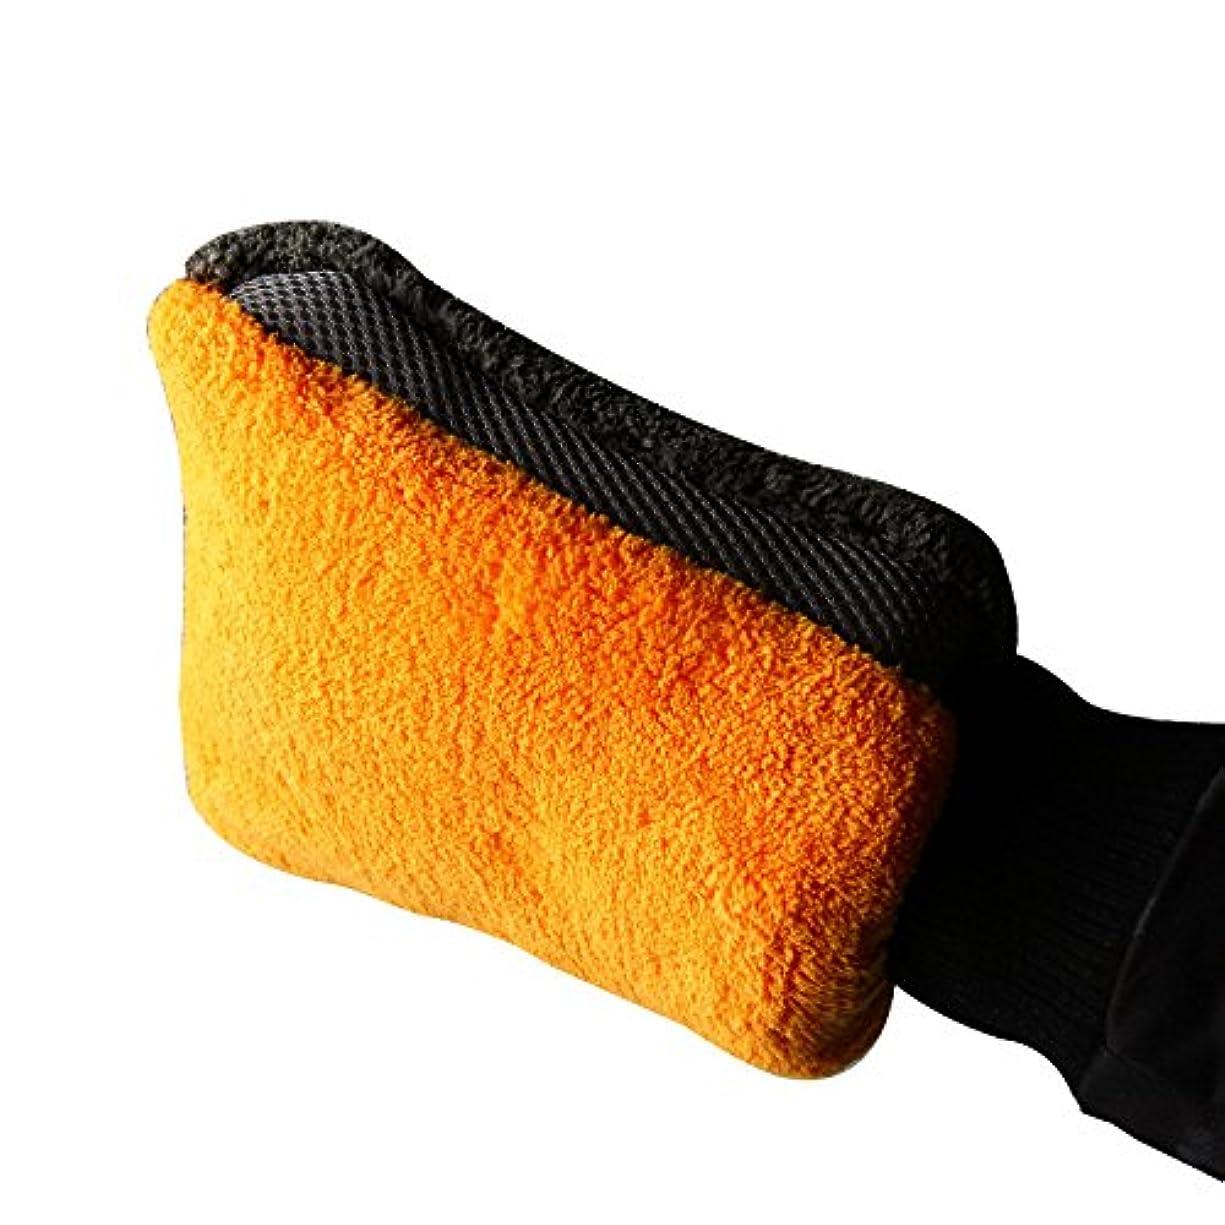 タブレット新着レベルBTXXYJP サンゴフリース 洗車 ブラシ 手袋 クリーニング ミットショートウールミットカークロス (Color : Orange, Size : L-One pair)